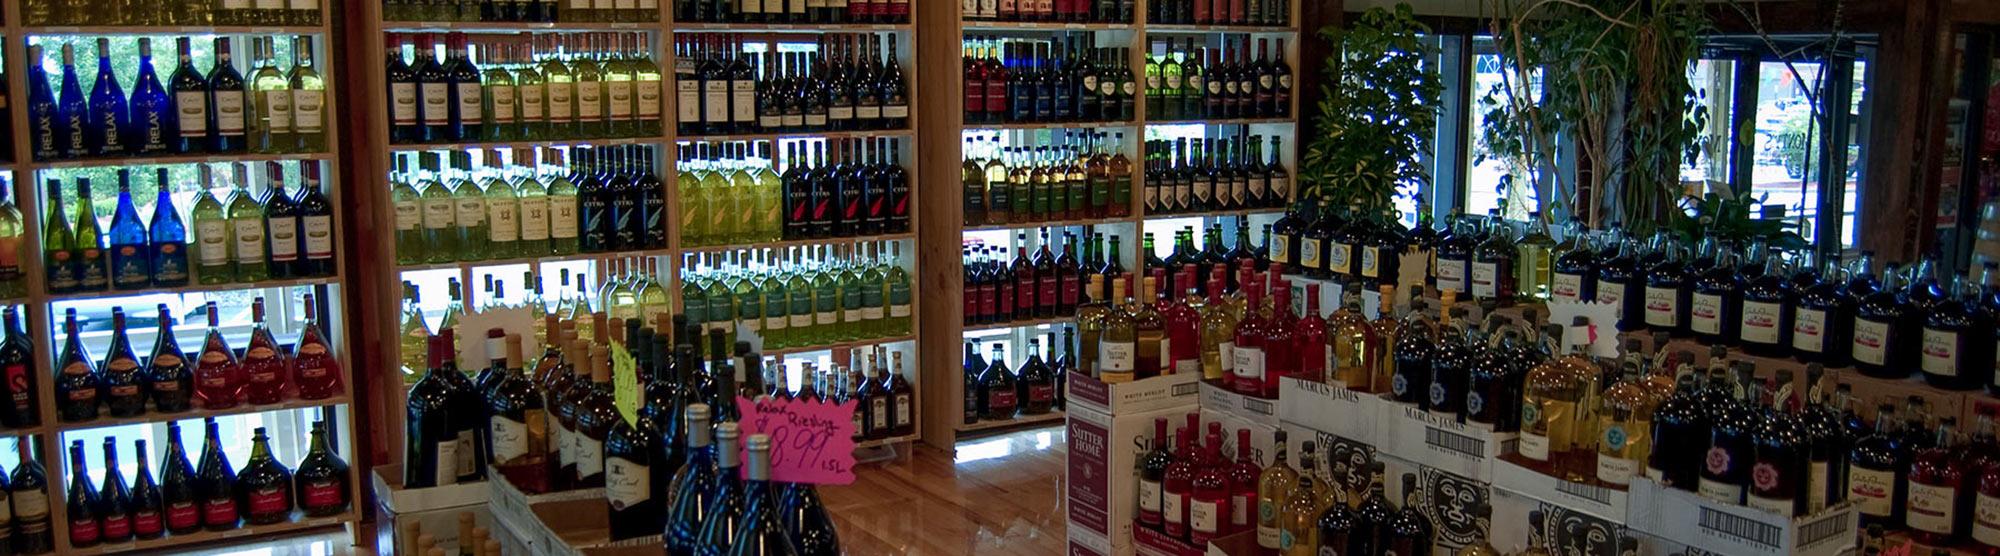 Monty's Discount Wine & Liquor Wine